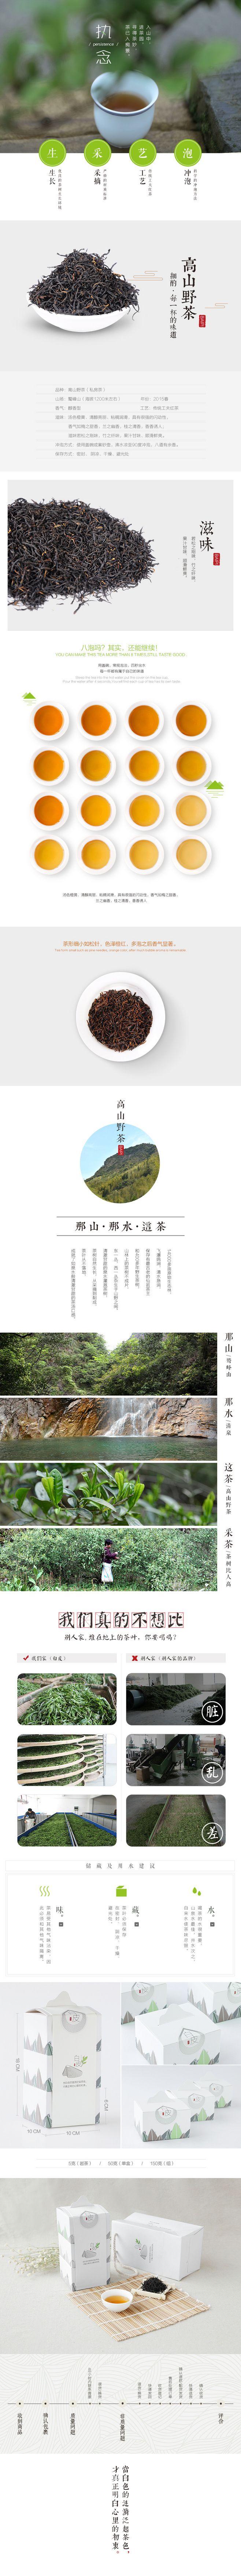 中国风茶文化详情页|电子商务/商城|网页...